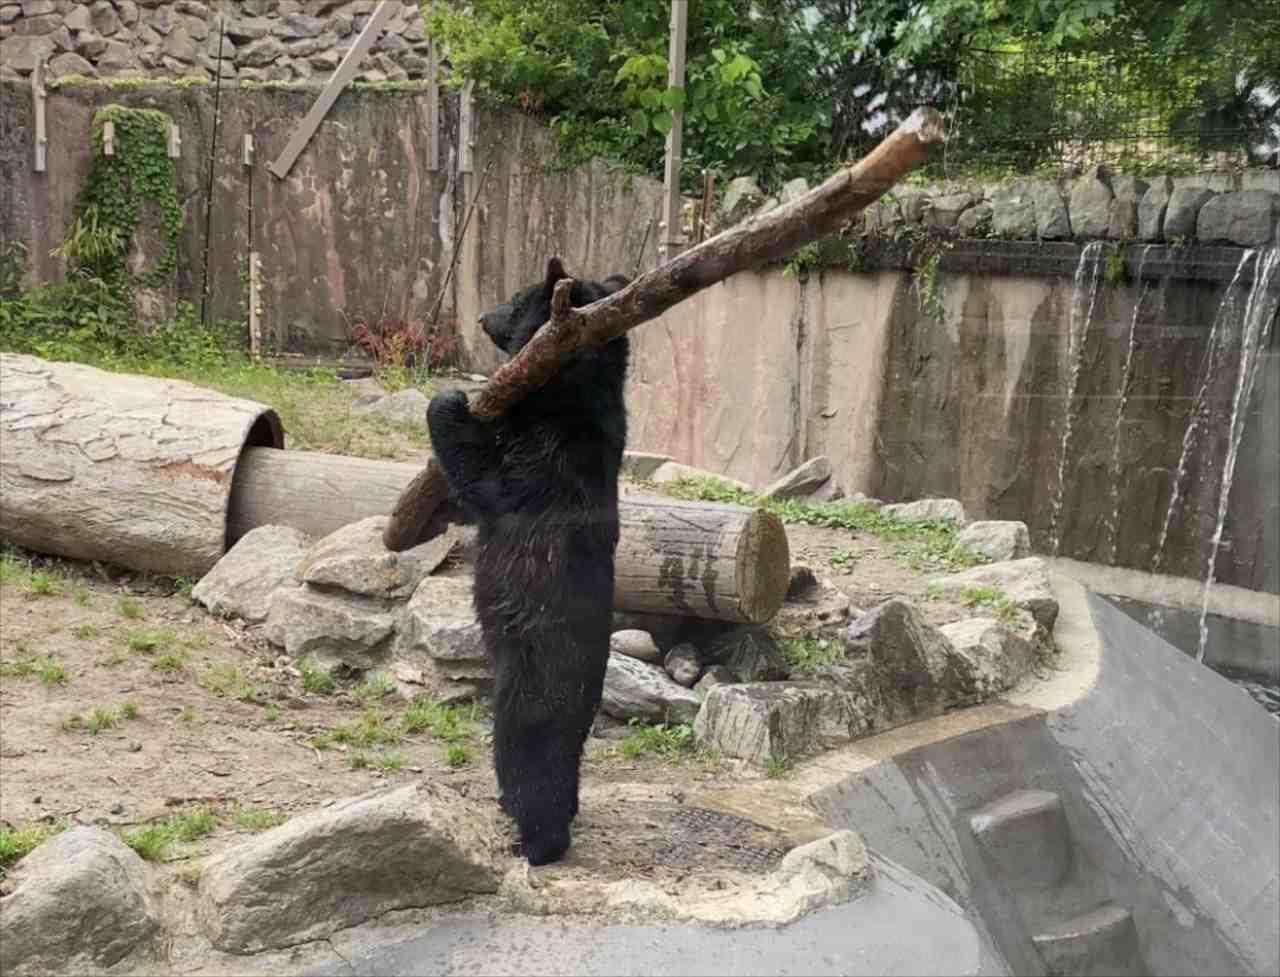 めちゃくちゃ打ちそう! 野球が上手そうな直立不動のクマが動物園に!!【木を振り回すアクションシーンも必見】